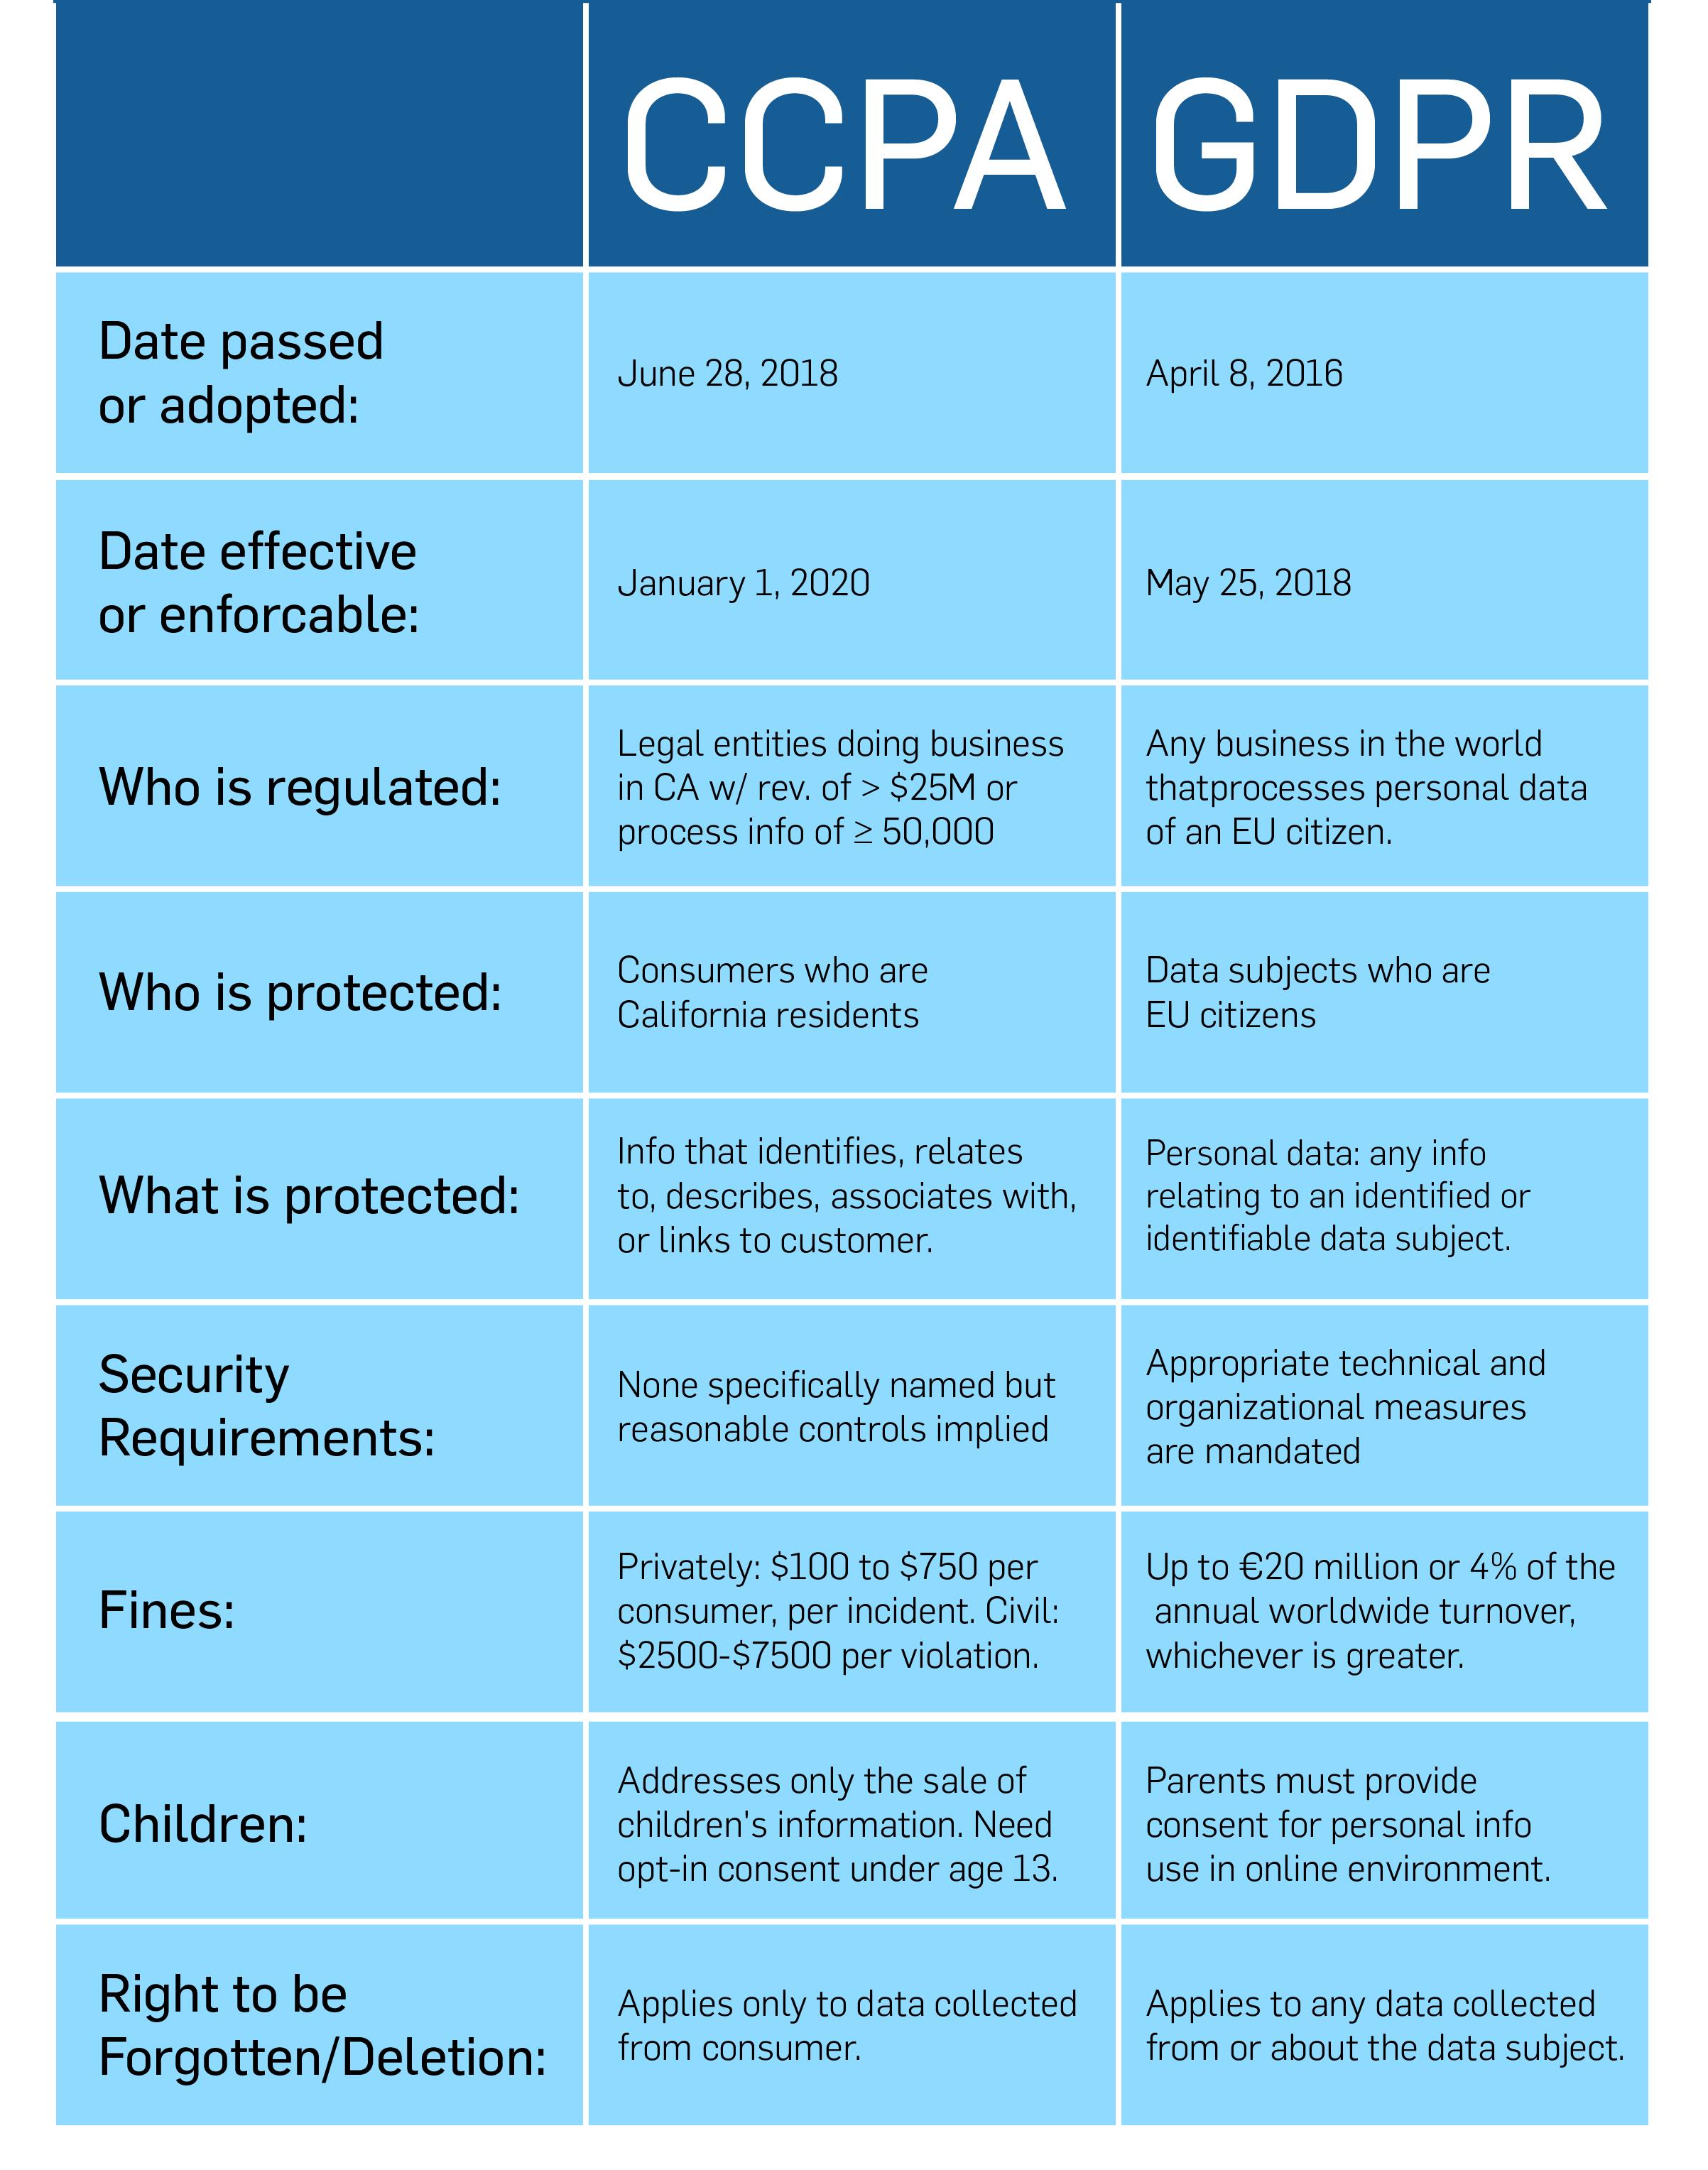 CCPA vs. GDPR comparison